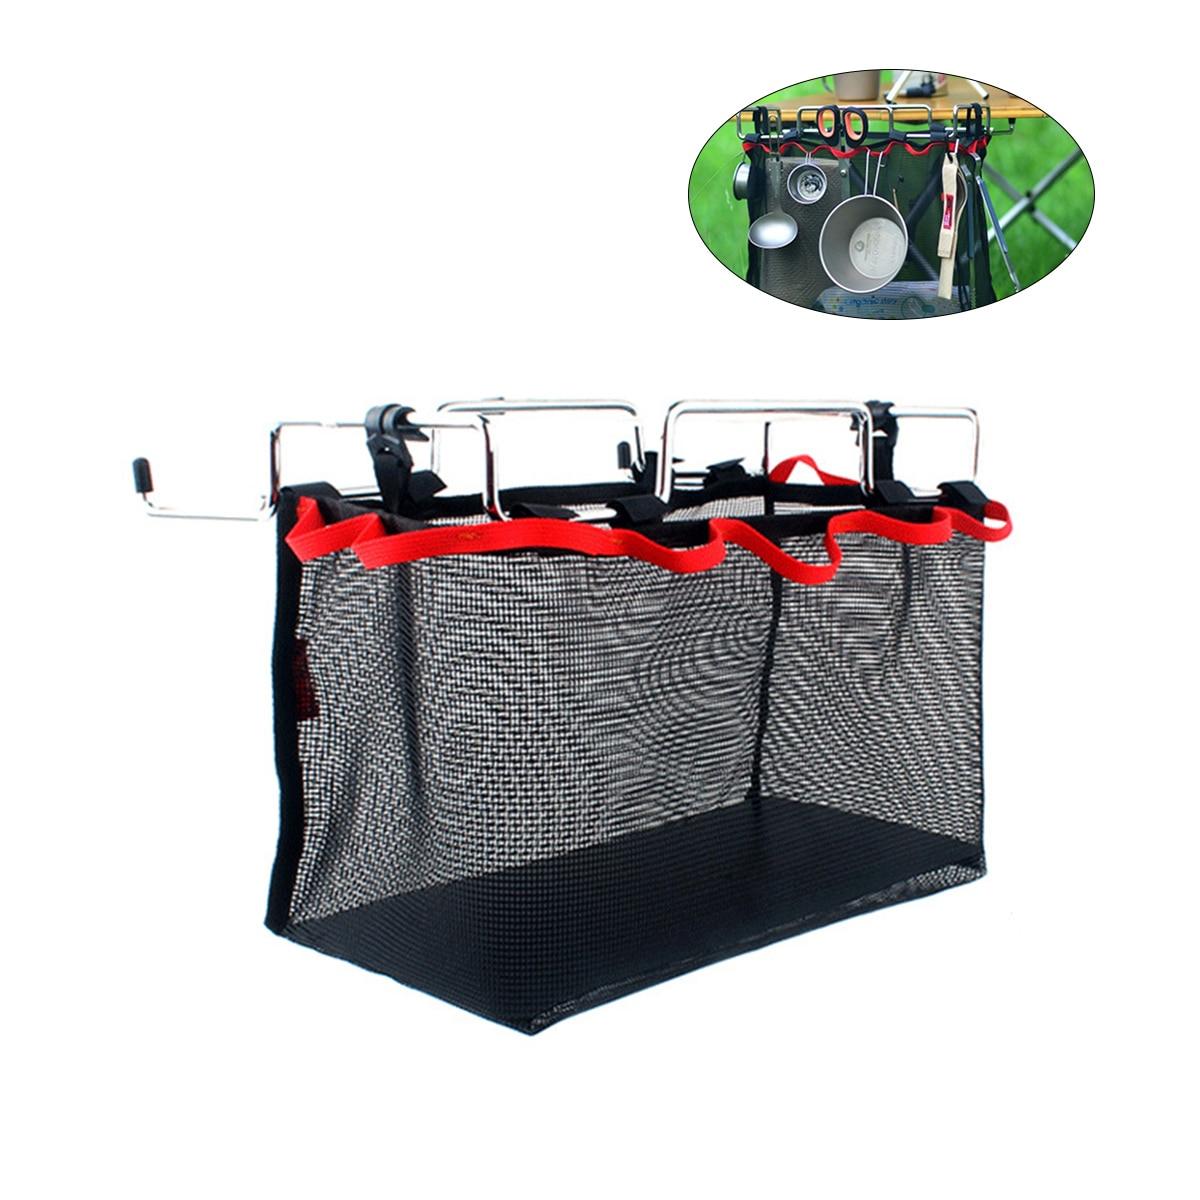 Сетчатый мешок для хранения вещей, сетчатый мешок для хранения для пикника, кемпинга, кухни, складной стол, подвесная сетка (S M L)